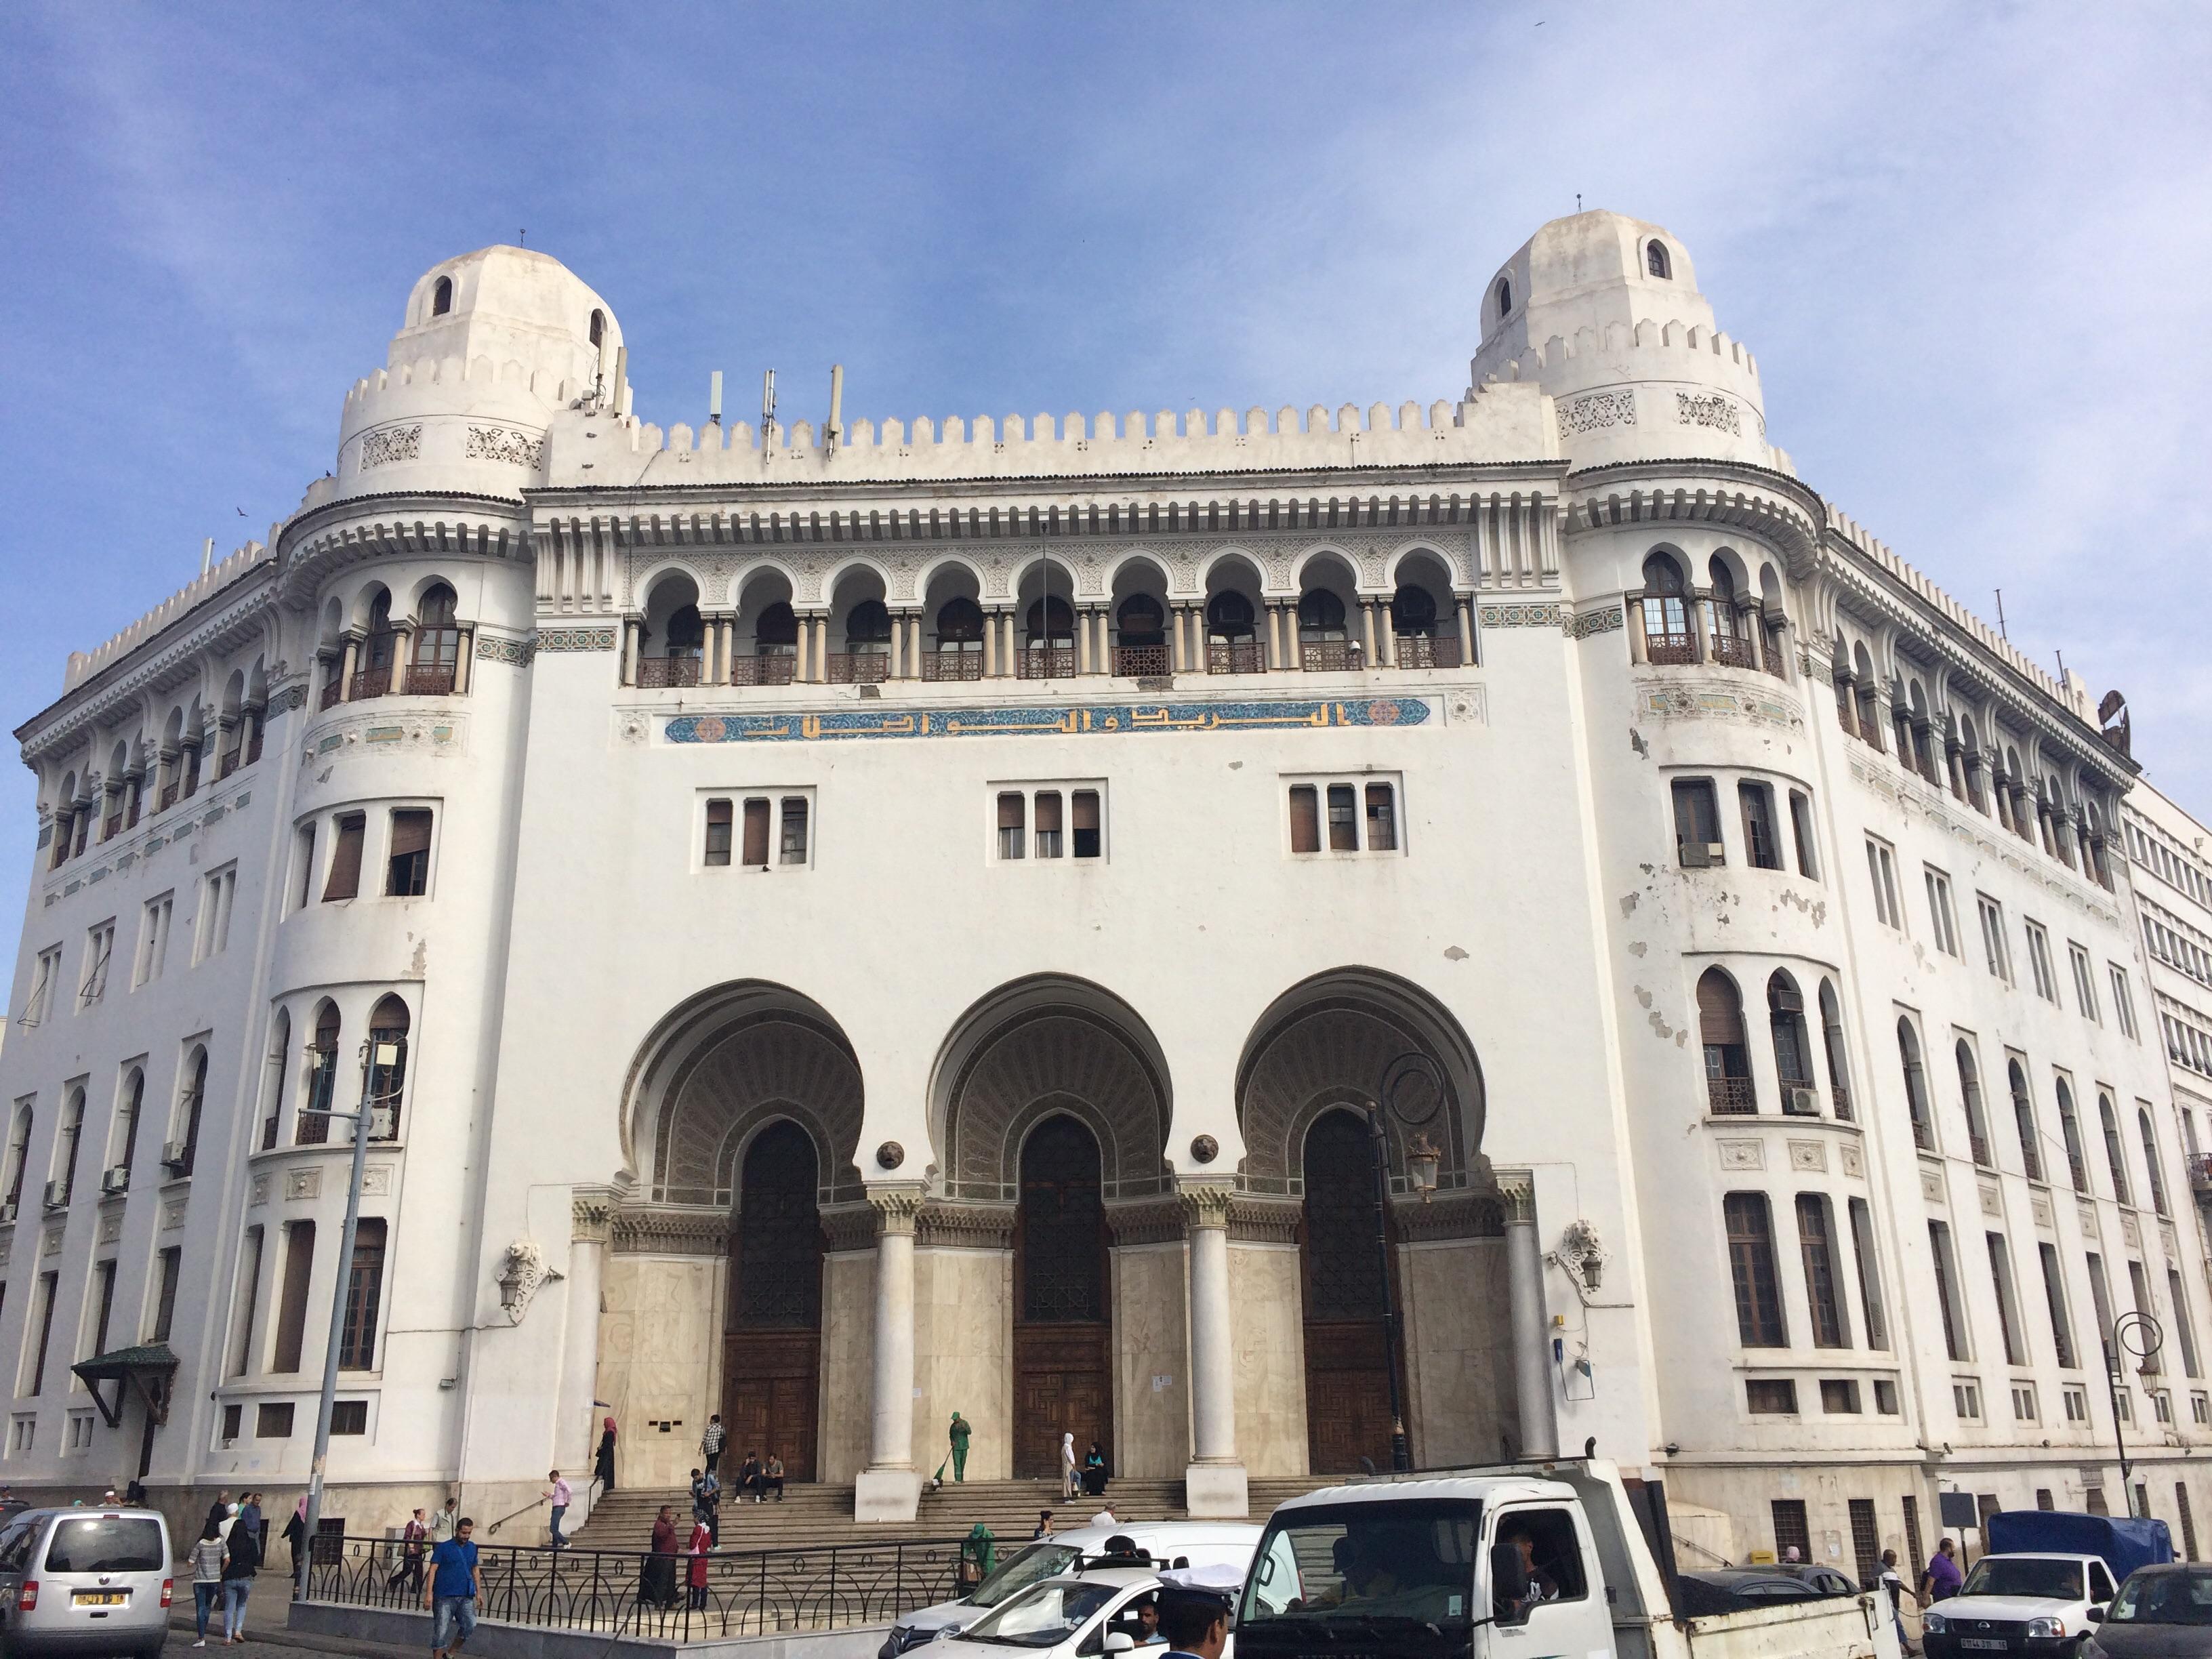 W Algierze białe są domy i siedziby urzędów, jak ten budynek poczty głównej.